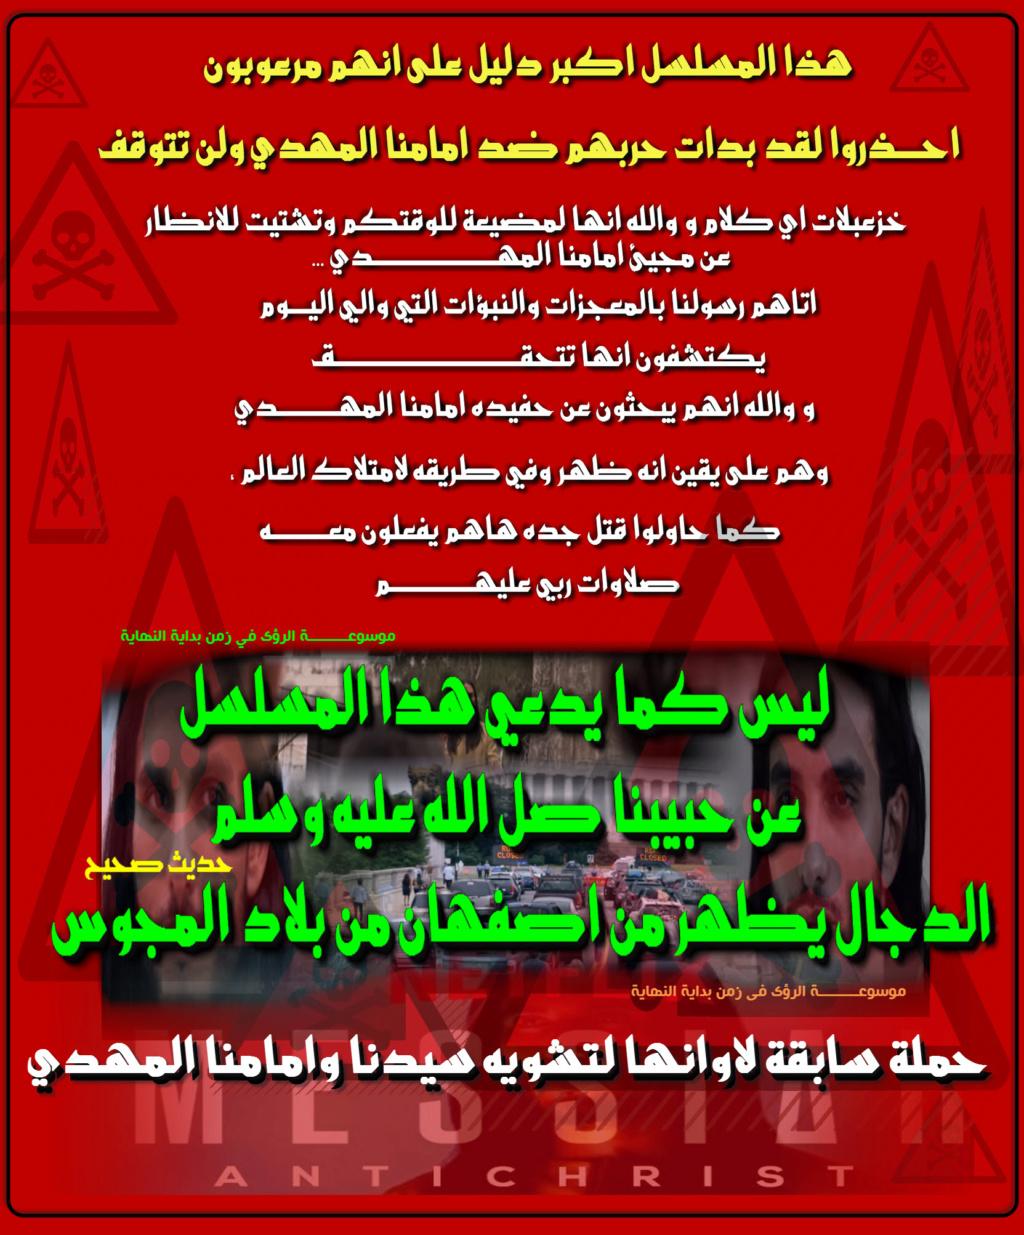 حمل سابقة لاوانها لتشويه سيدنا وامامنا المهدي 02-01-11